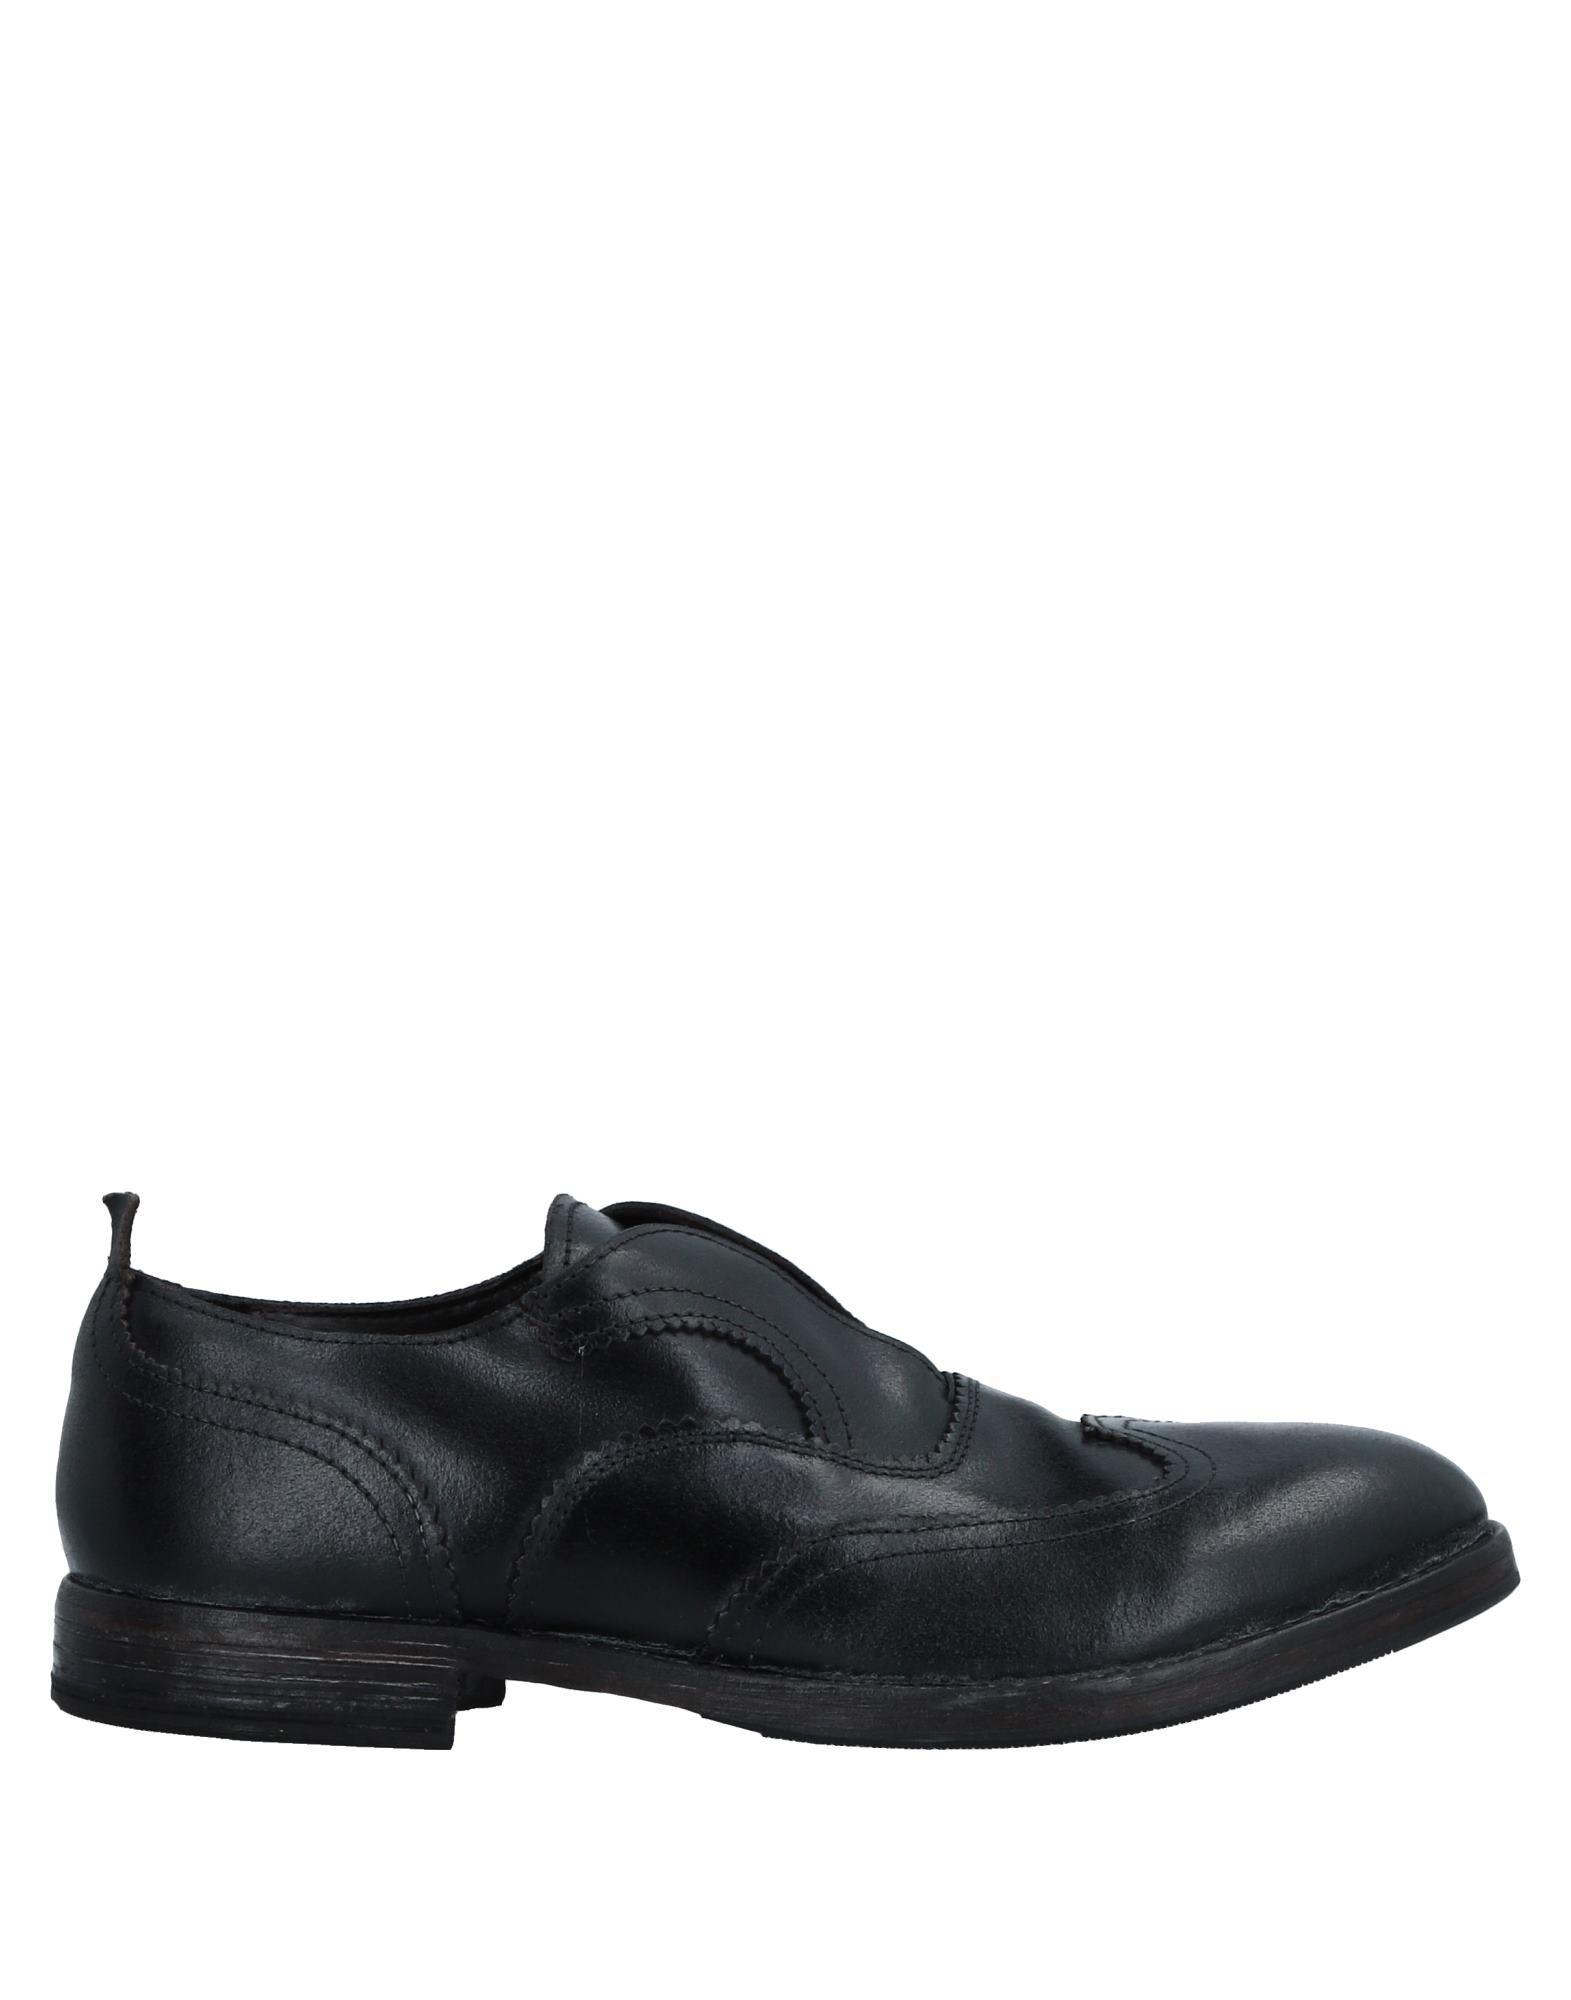 Moma Mokassins Herren  11516540GS Gute Qualität beliebte Schuhe